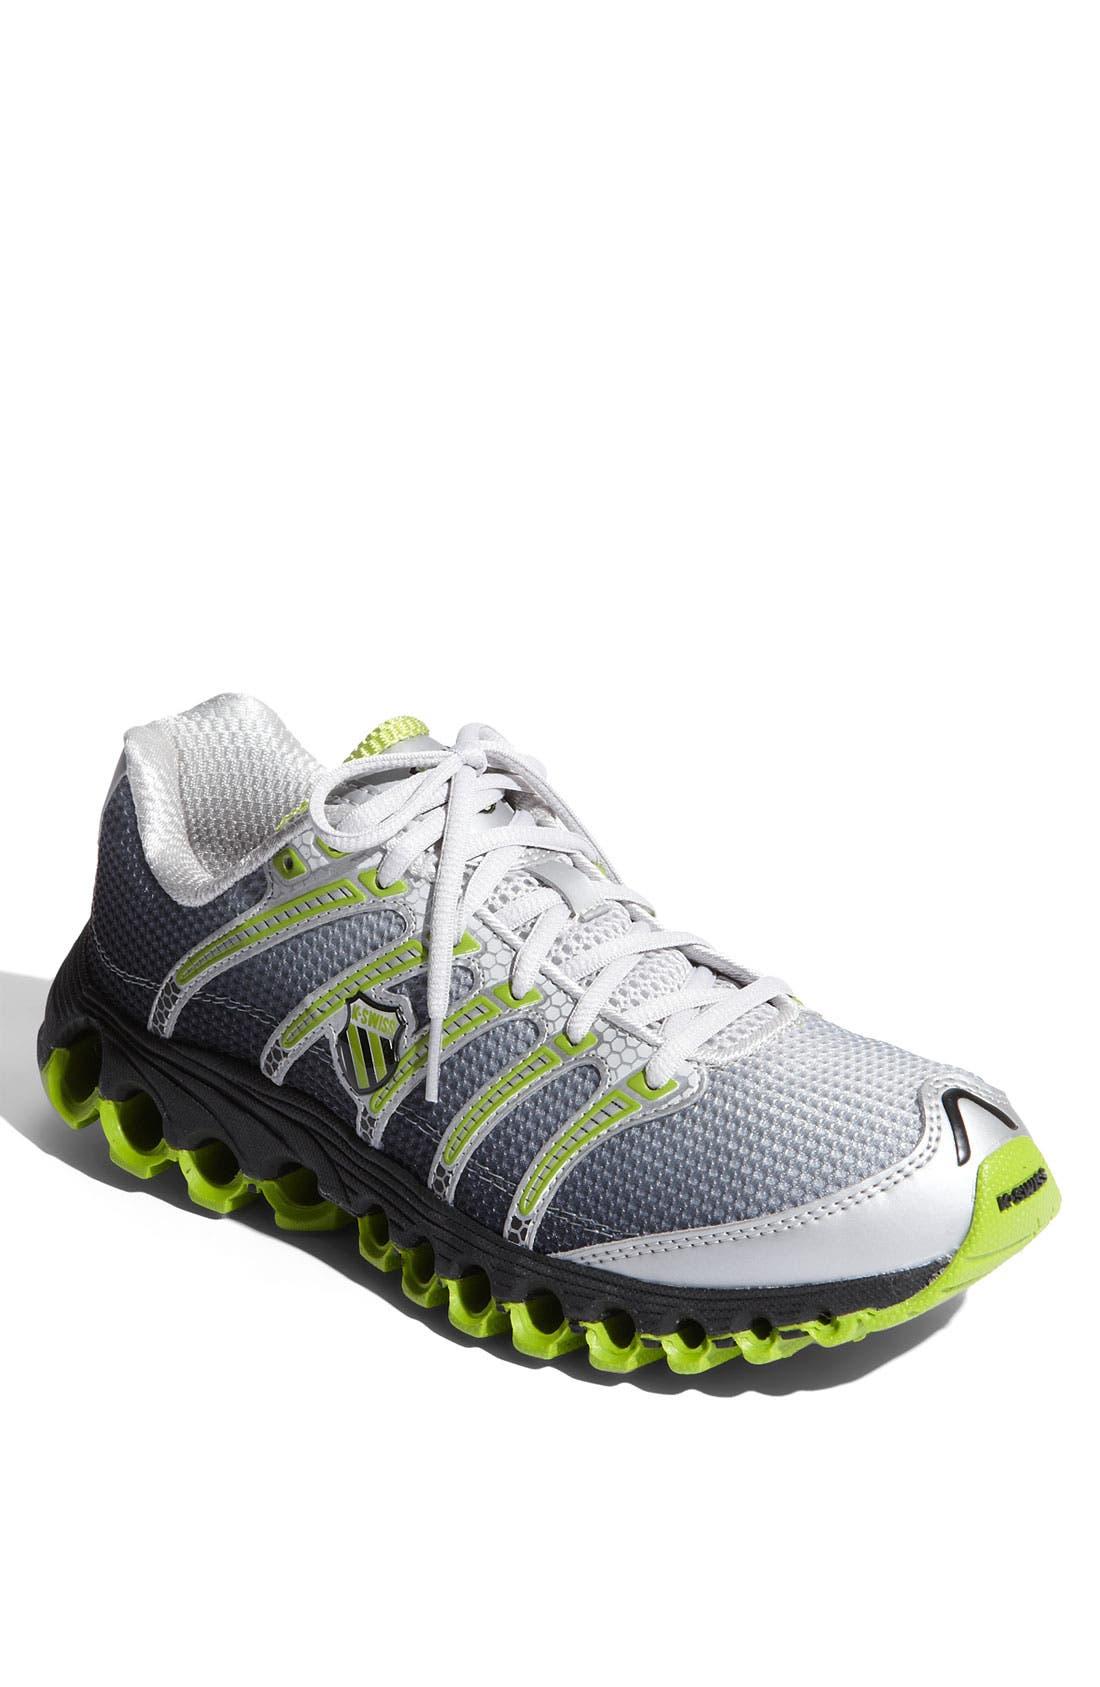 Main Image - K-Swiss 'Tubes 100' Running Shoe (Men)